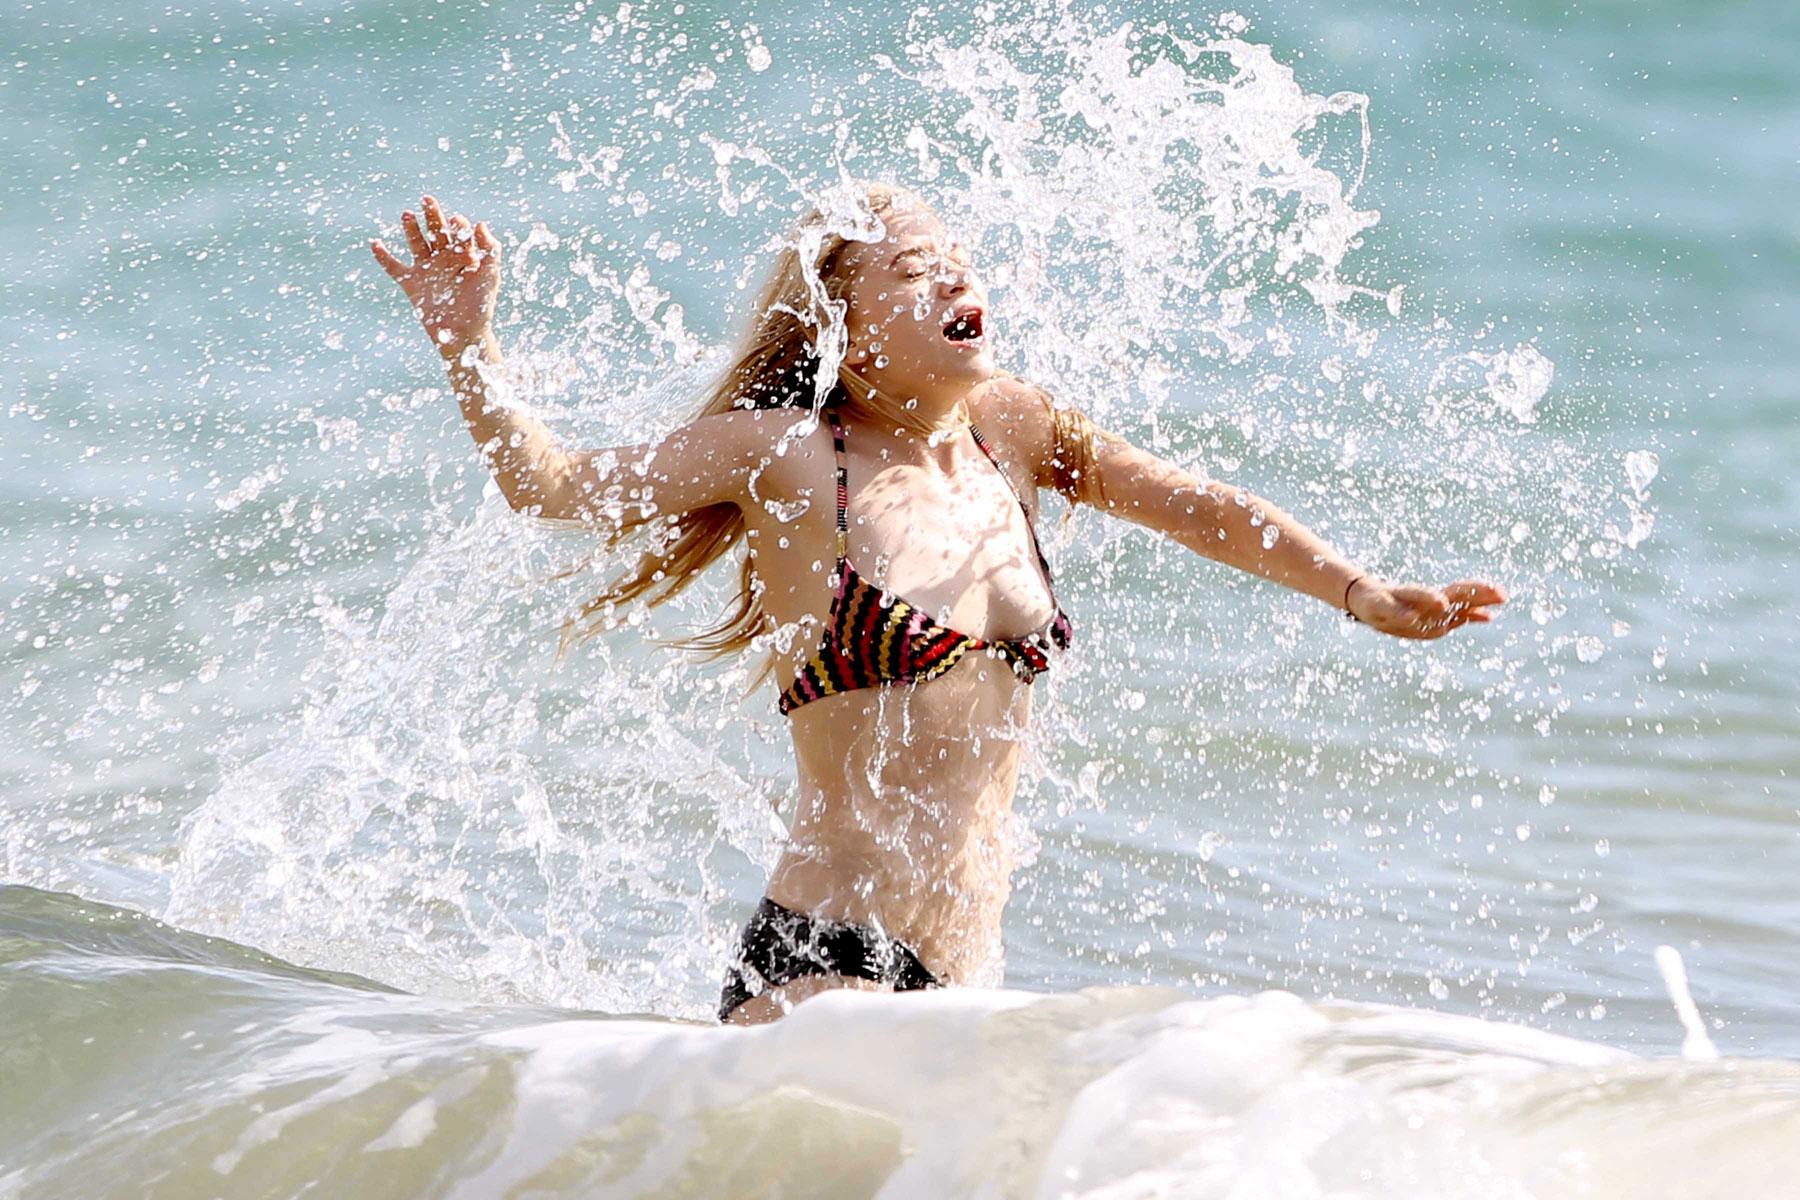 Ashley Olsen Topless